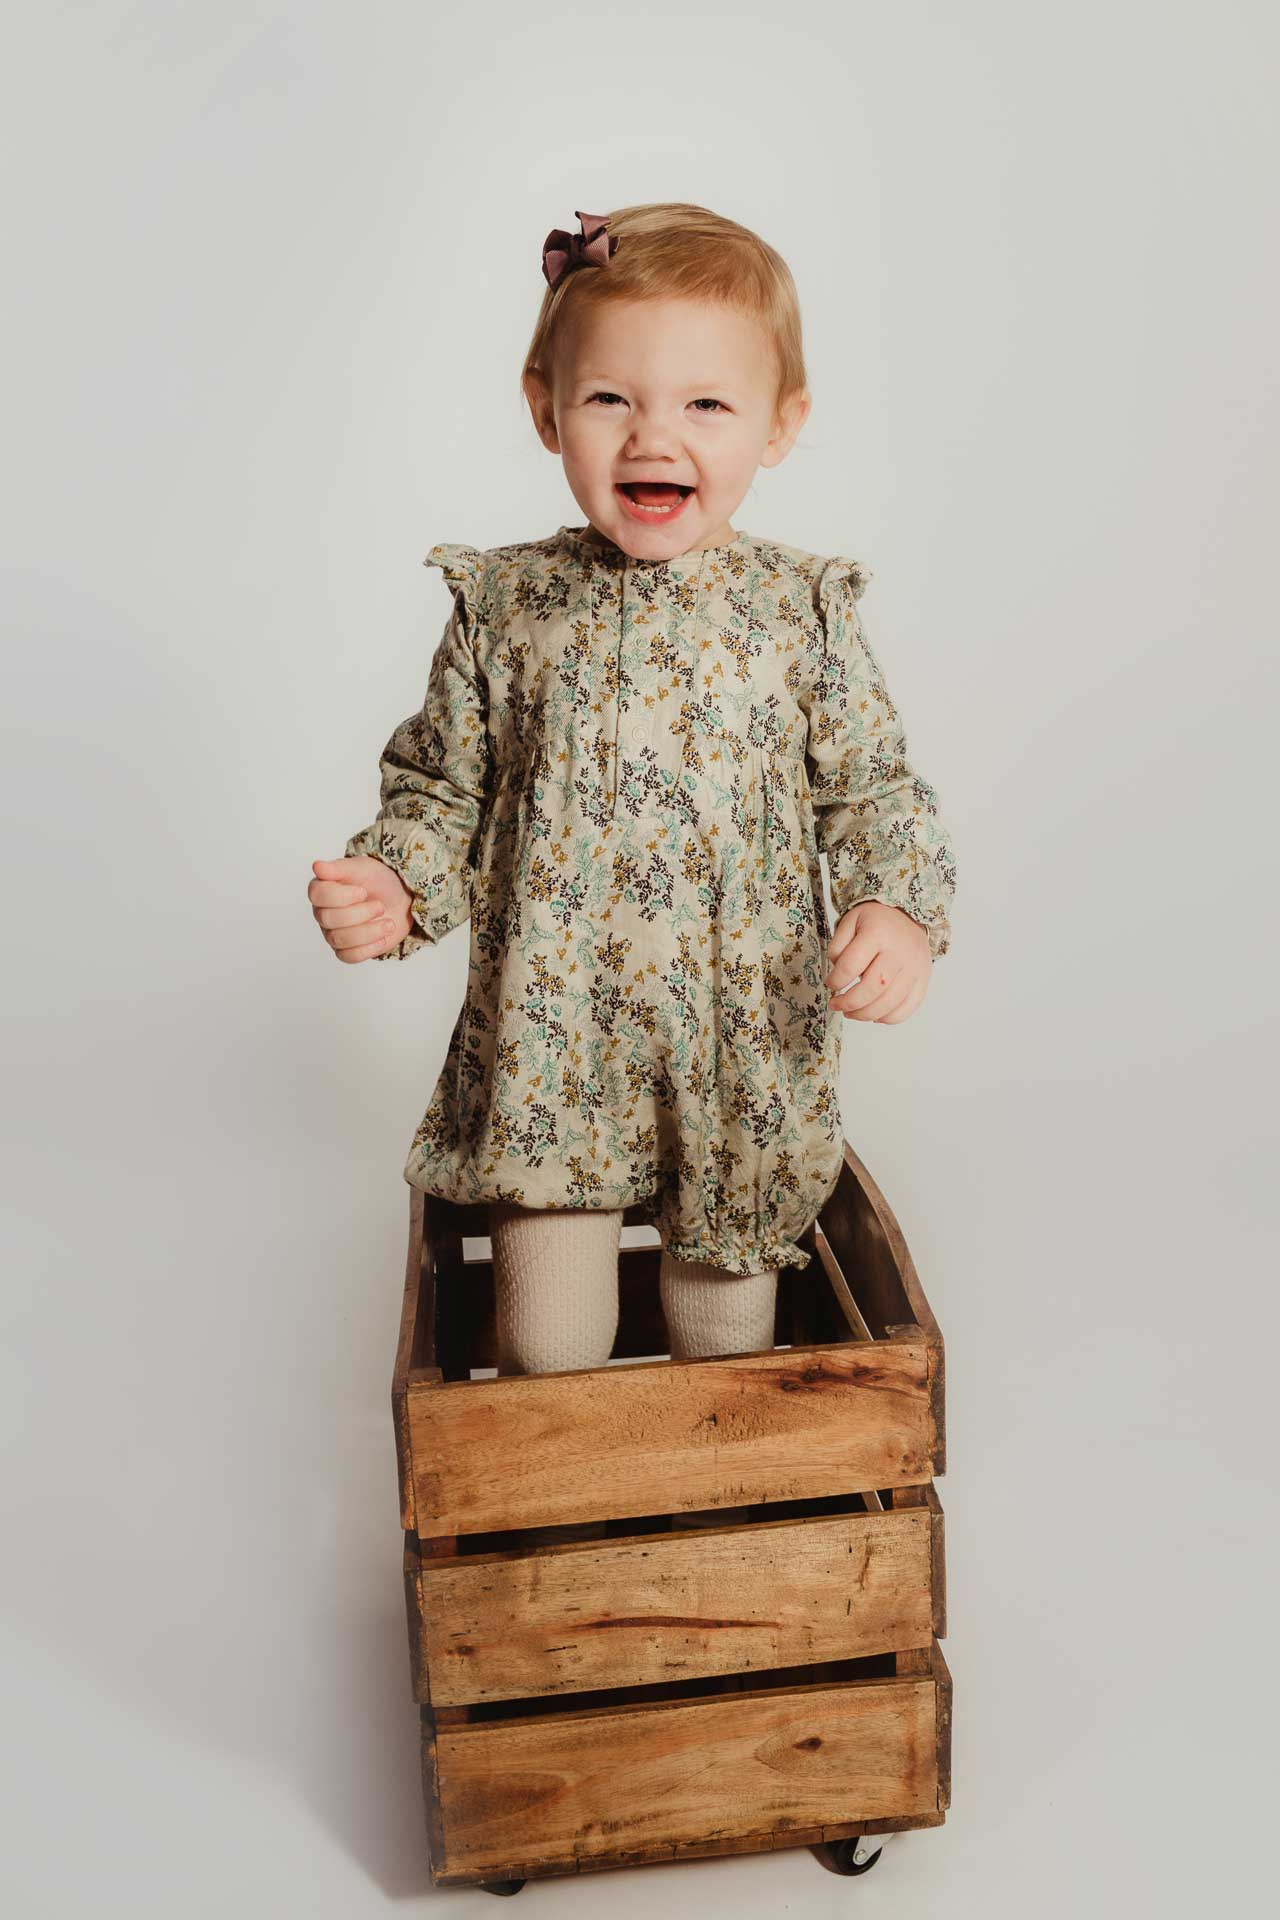 børnefoto og portræt Fredericia